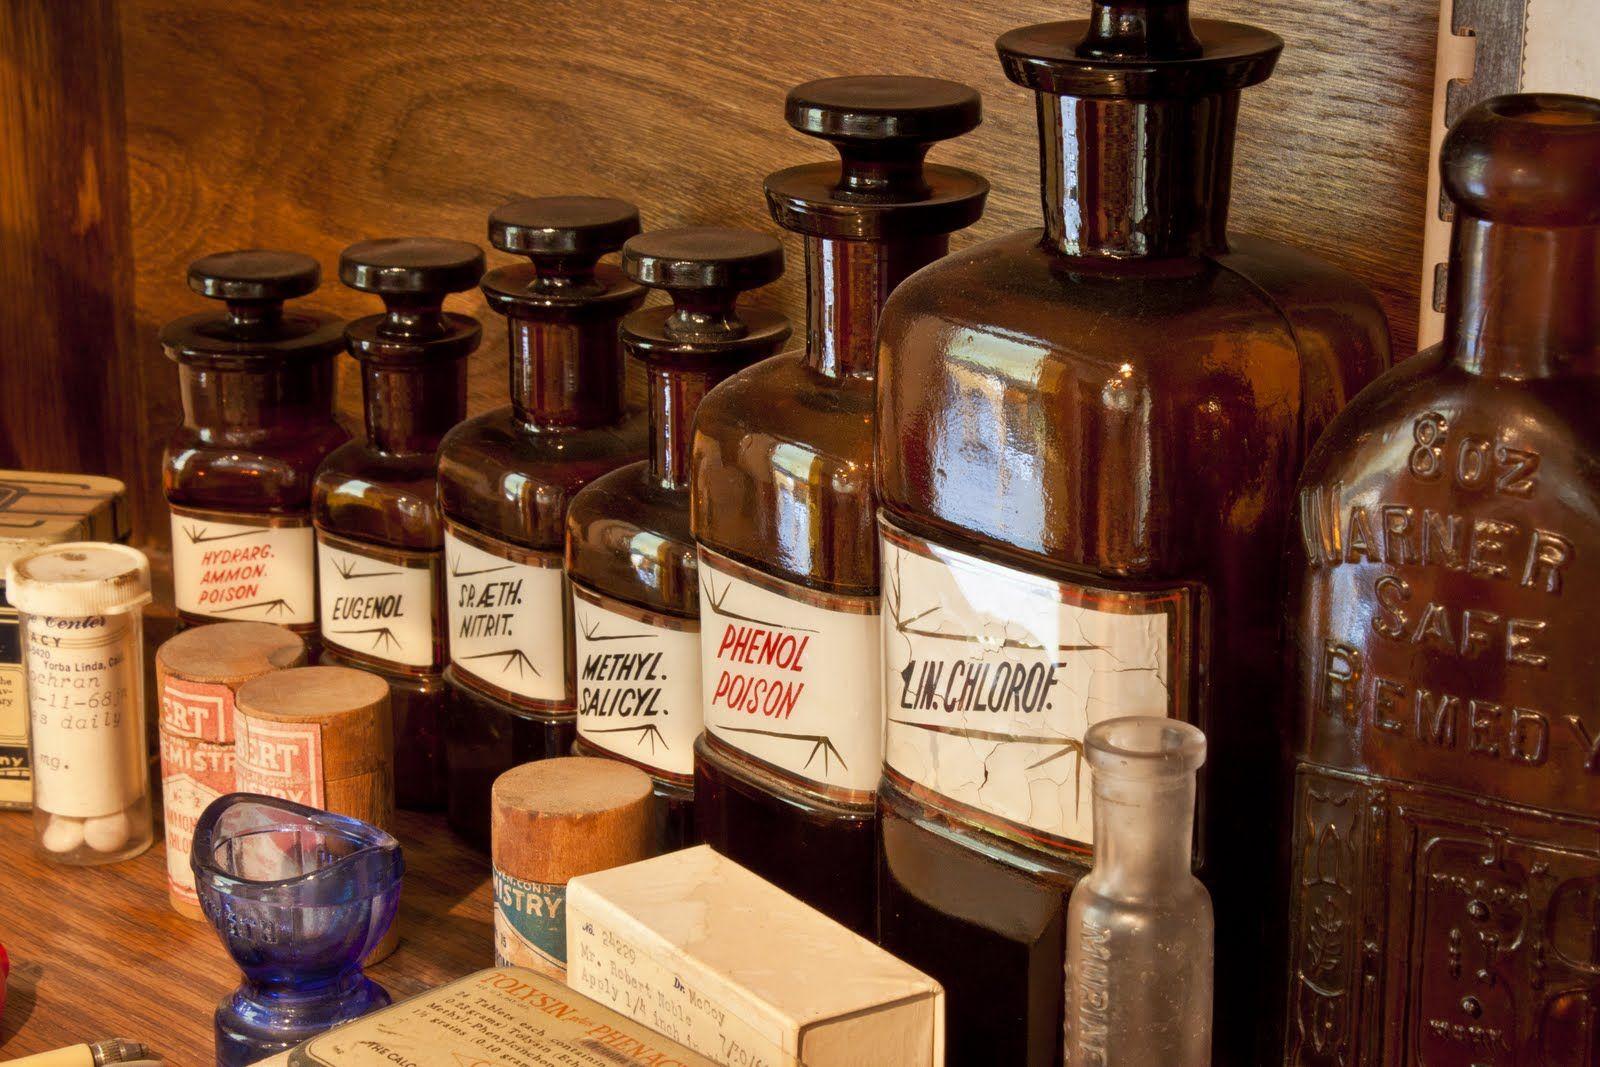 traditional pharmacy bottles